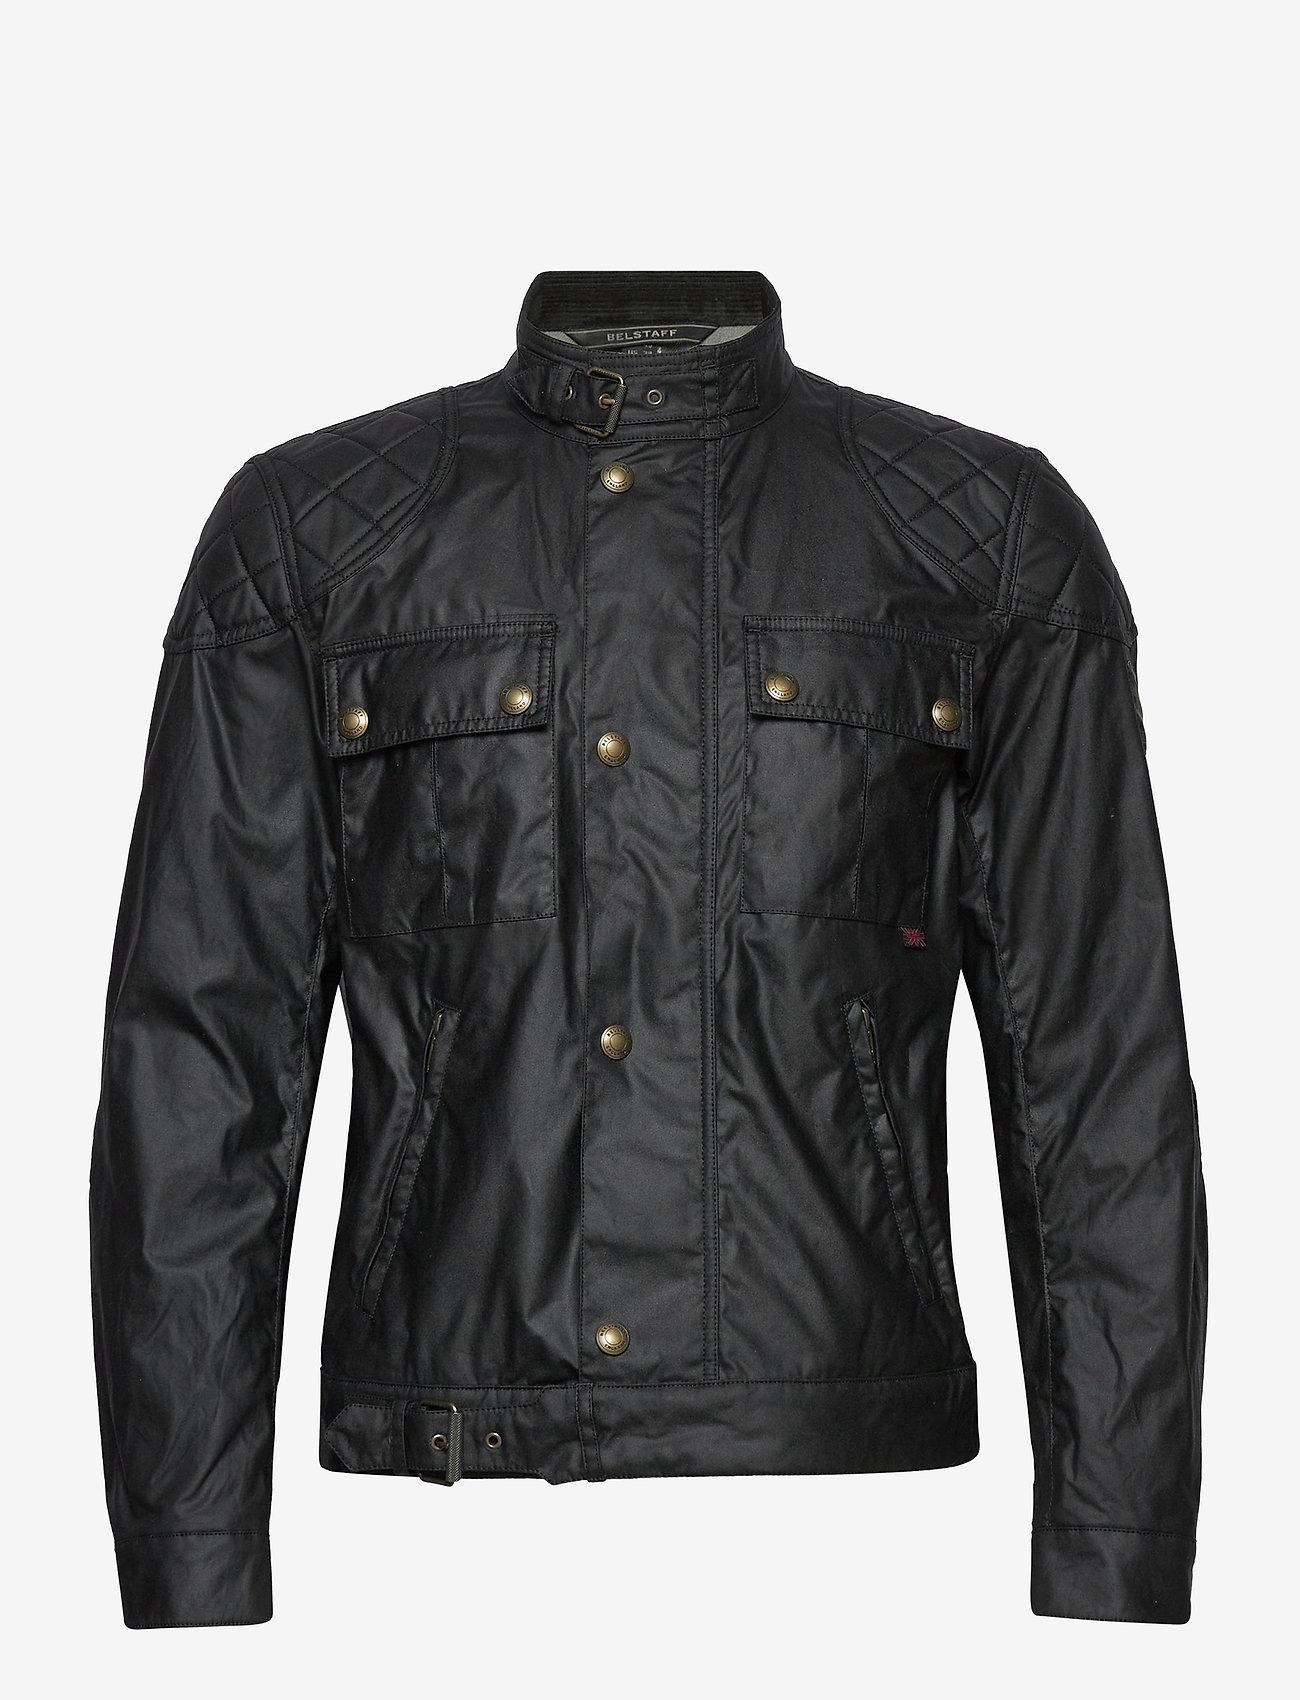 Agnes Gray lanzadera Pies suaves  Brookstone Jacket (Black) (450 €) - Belstaff -   Boozt.com